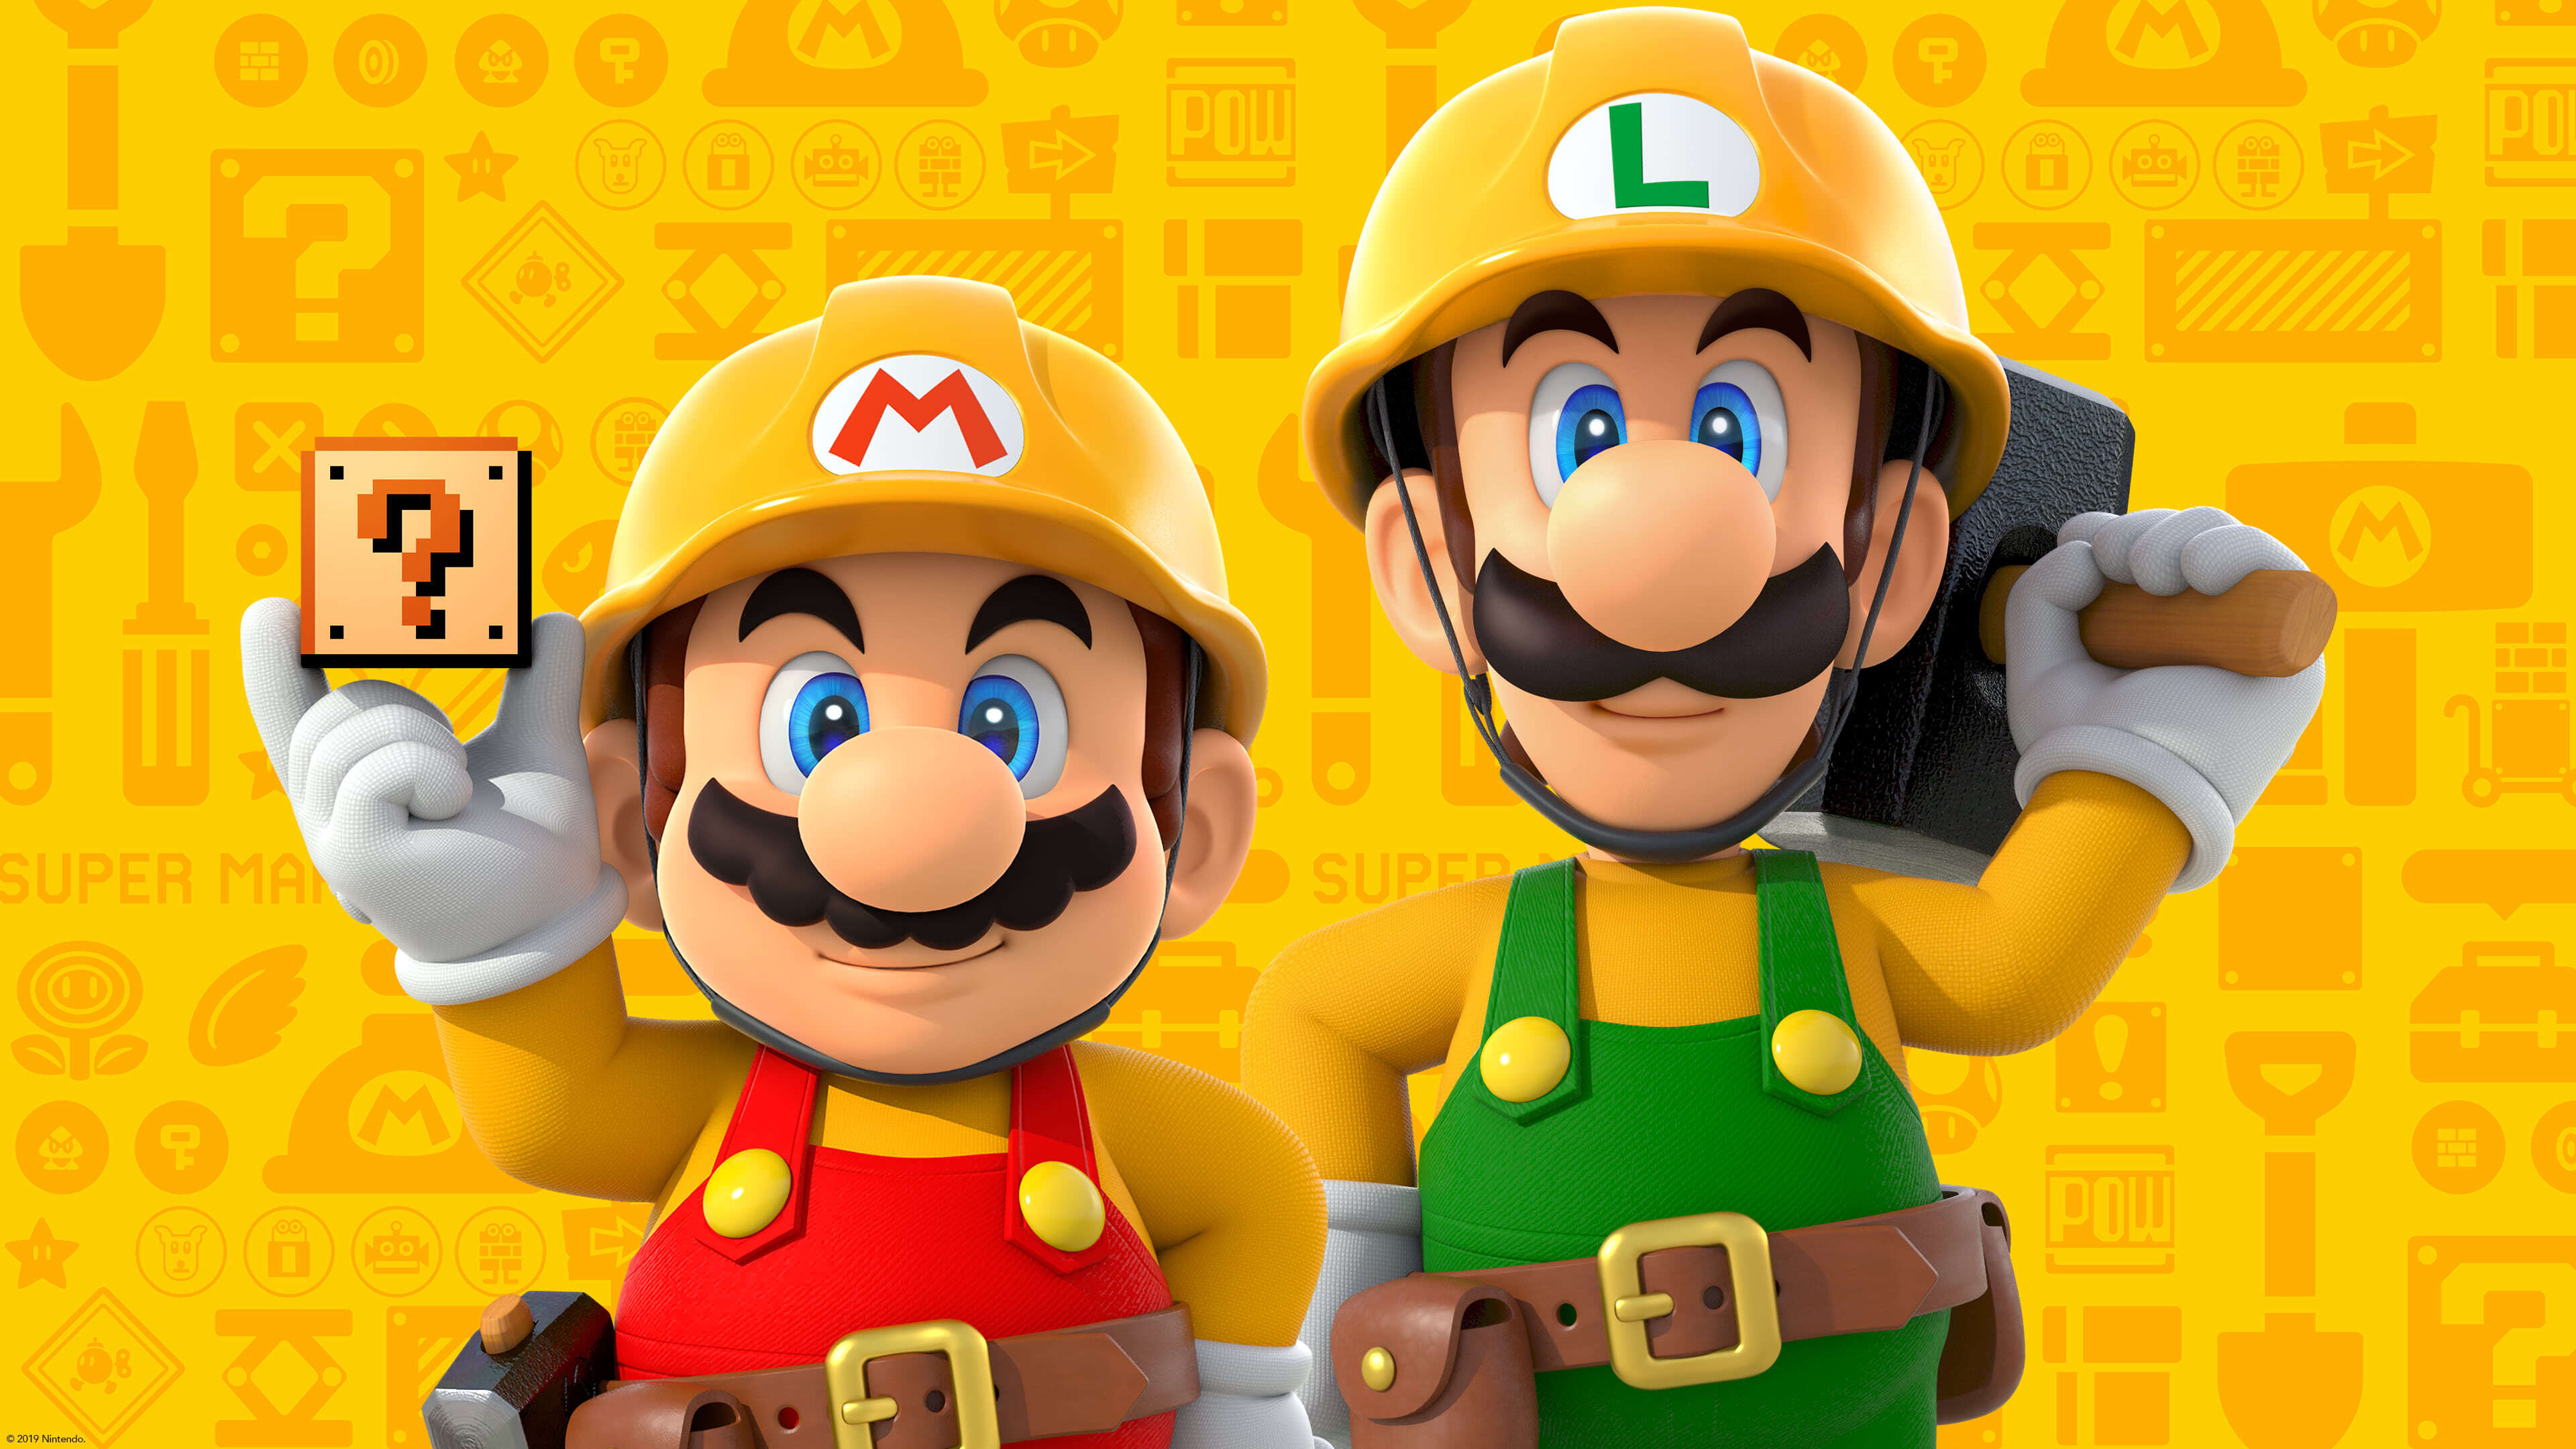 Super Mario Maker 2 UHD 4K Wallpaper | Pixelz